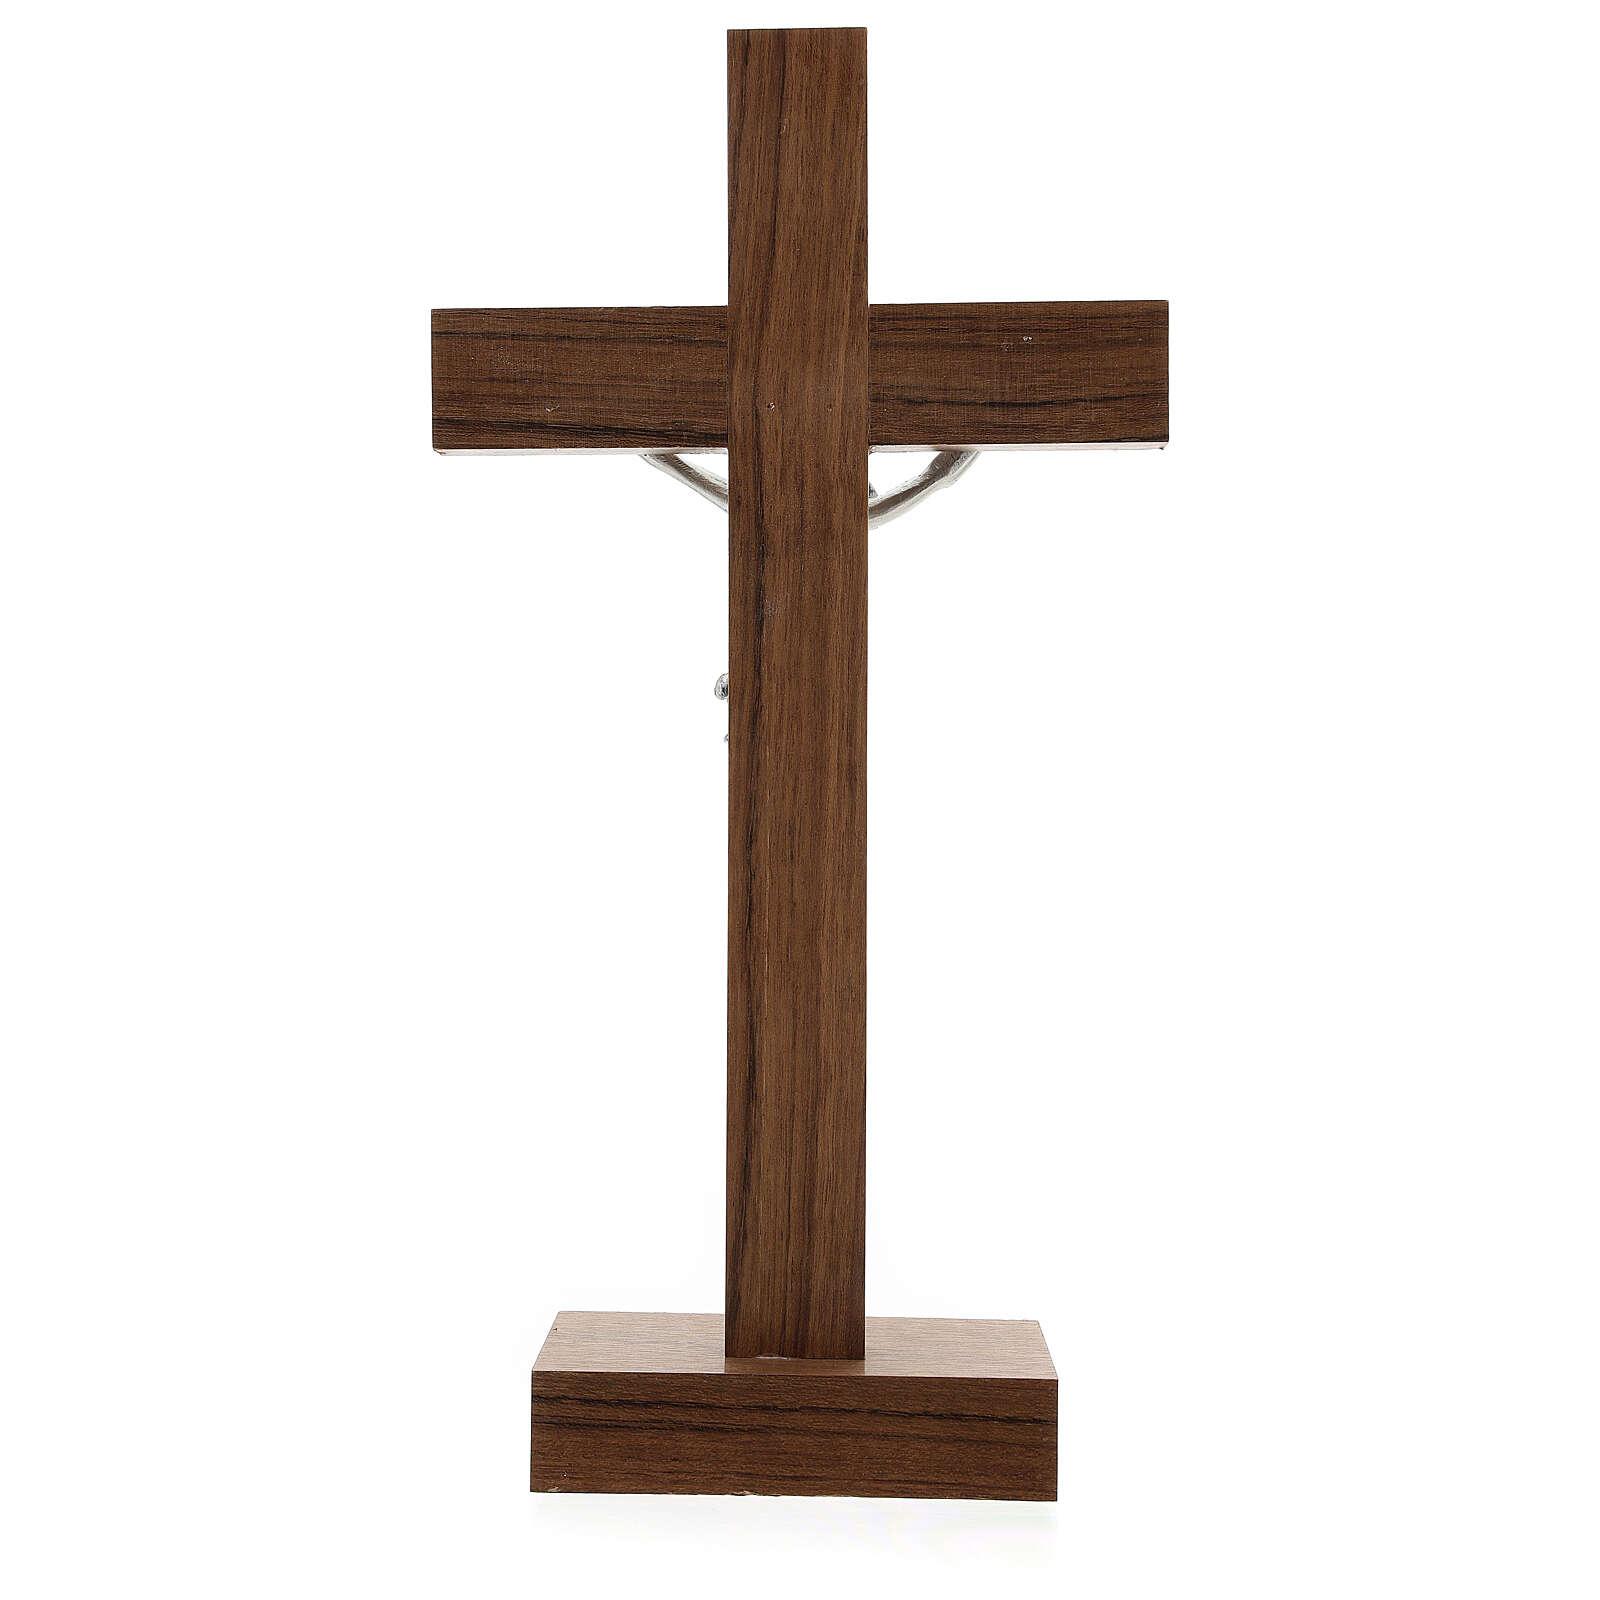 Krucyfiks stojący drewno, posrebrzany metal, aluminium 4